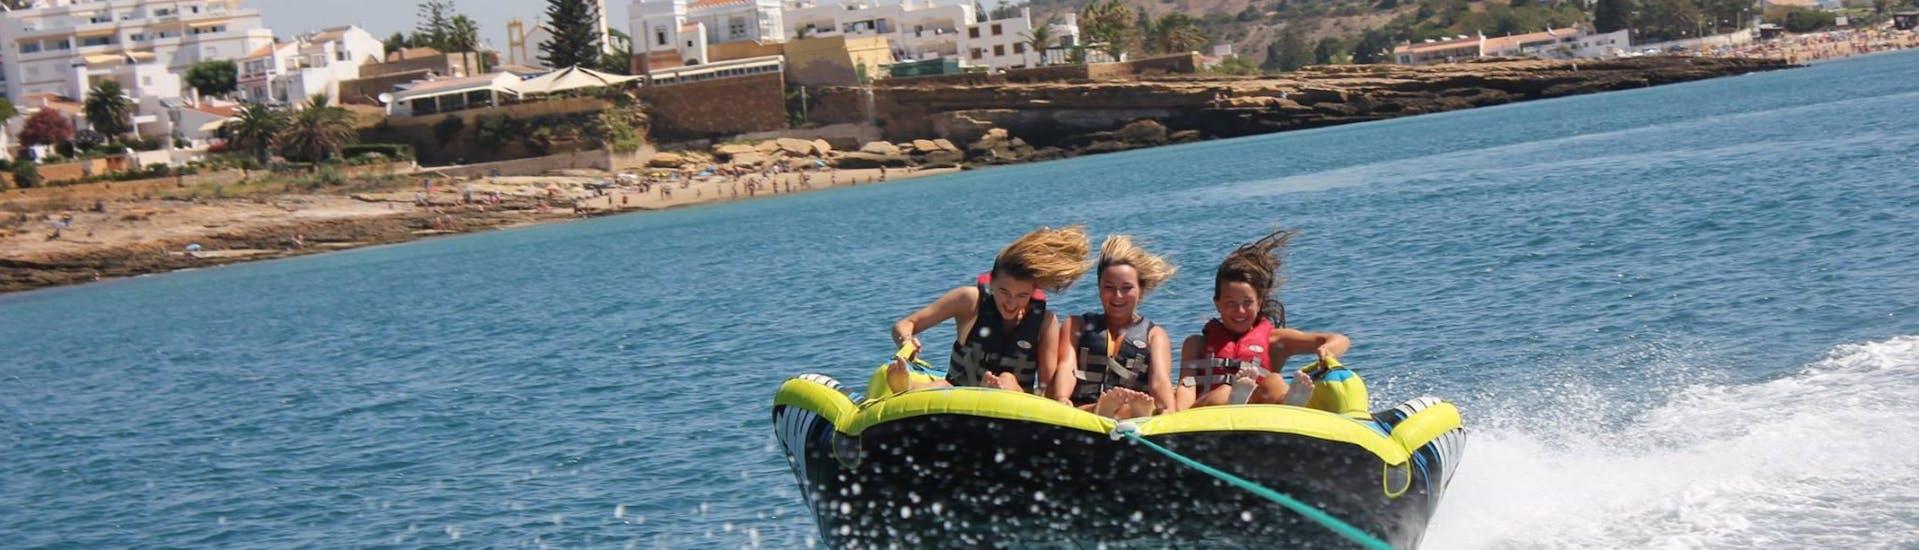 Inflatable Boat Ride - Praia da Luz